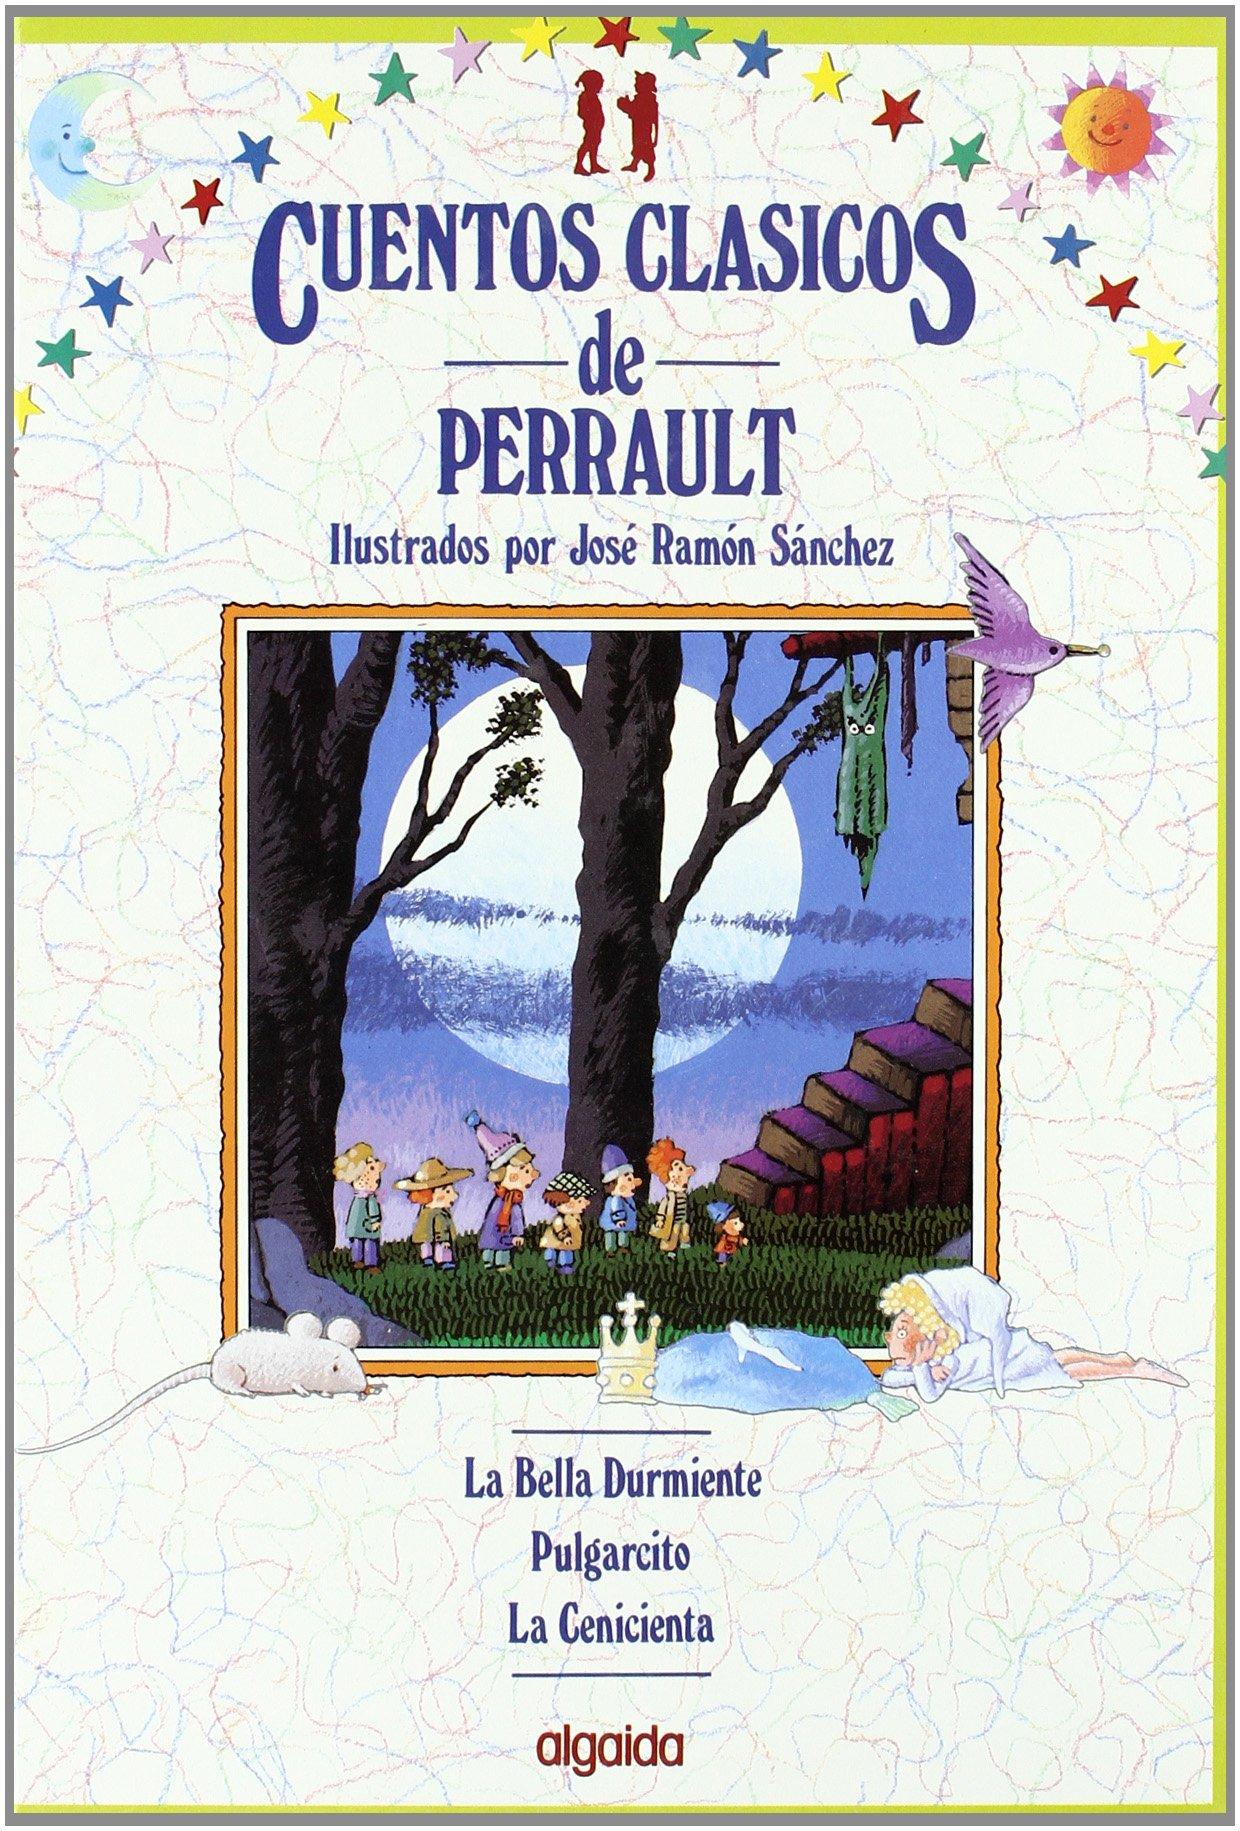 Cuentos clásicos. Vol. I: Cuentos de Perrault: 1 Infantil ...